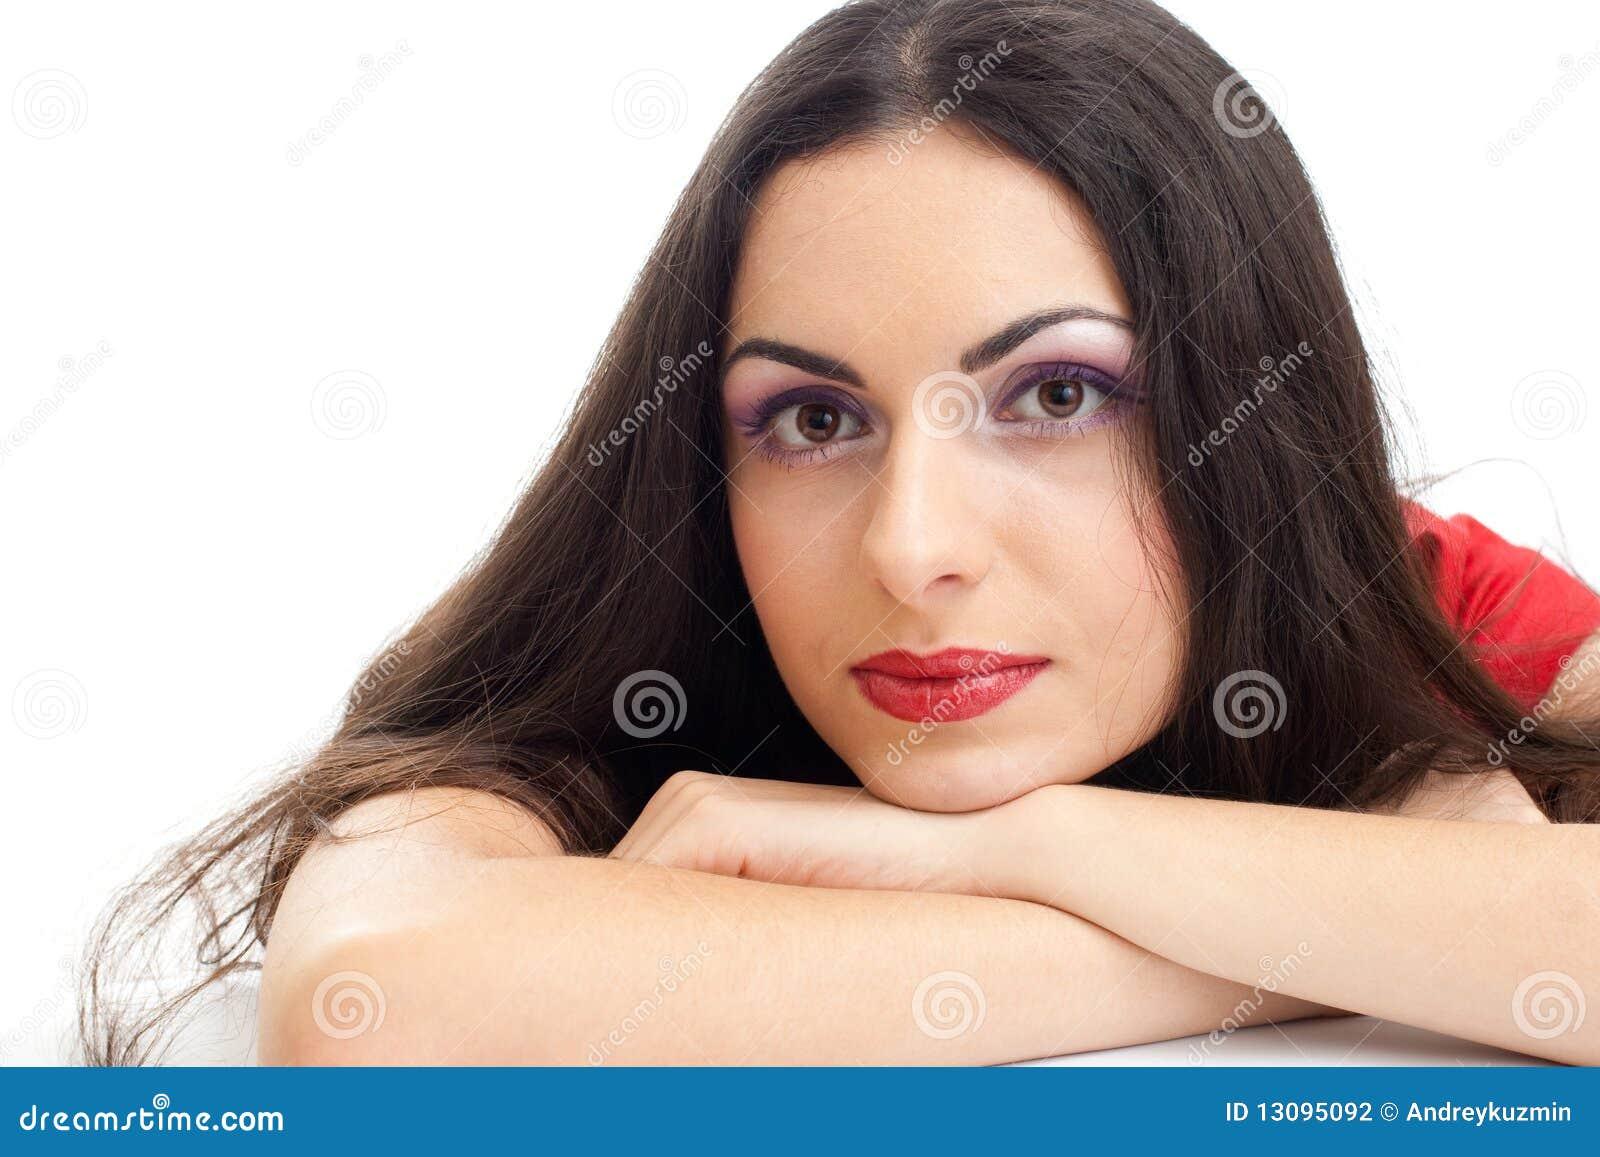 drummond brunette close - photo #5